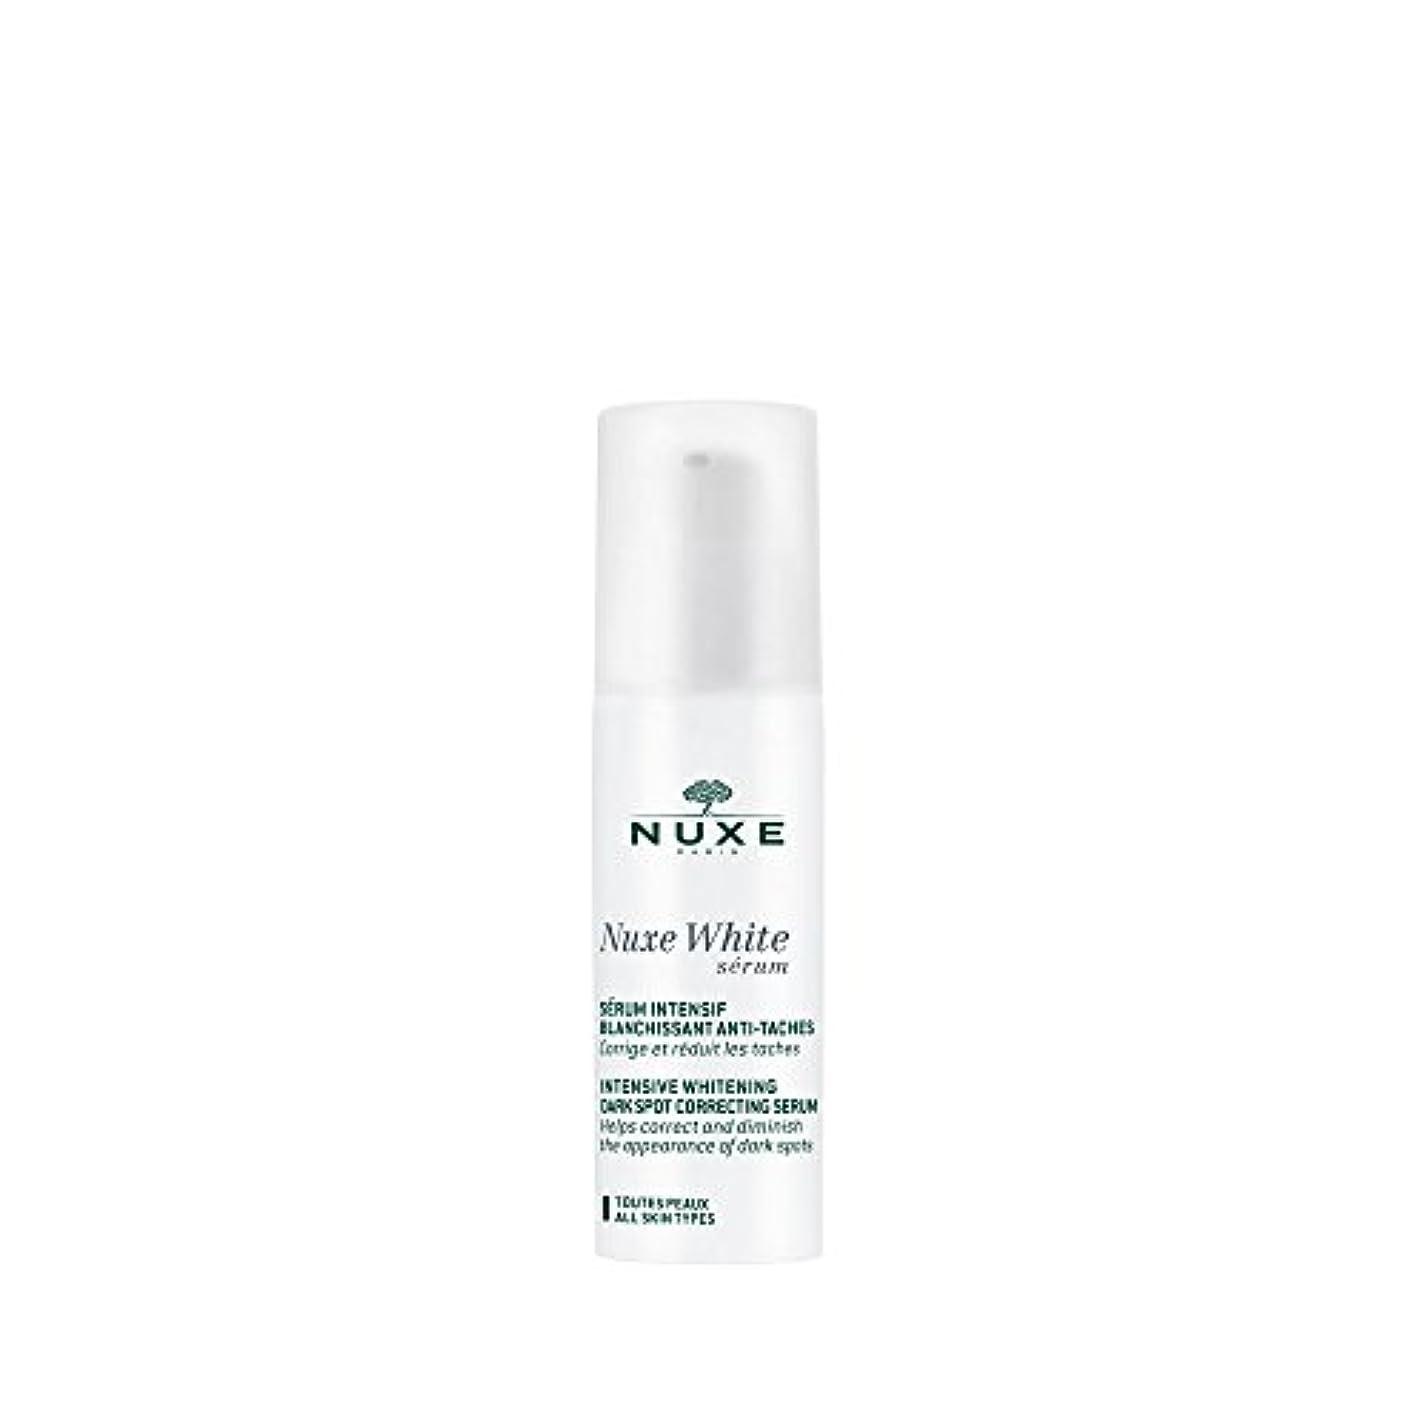 覆すレパートリー毒性ニュクス(NUXE) ニュクスホワイト インテンシブ ホワイトニング セラム (医薬部外品) 30mL 国内正規品